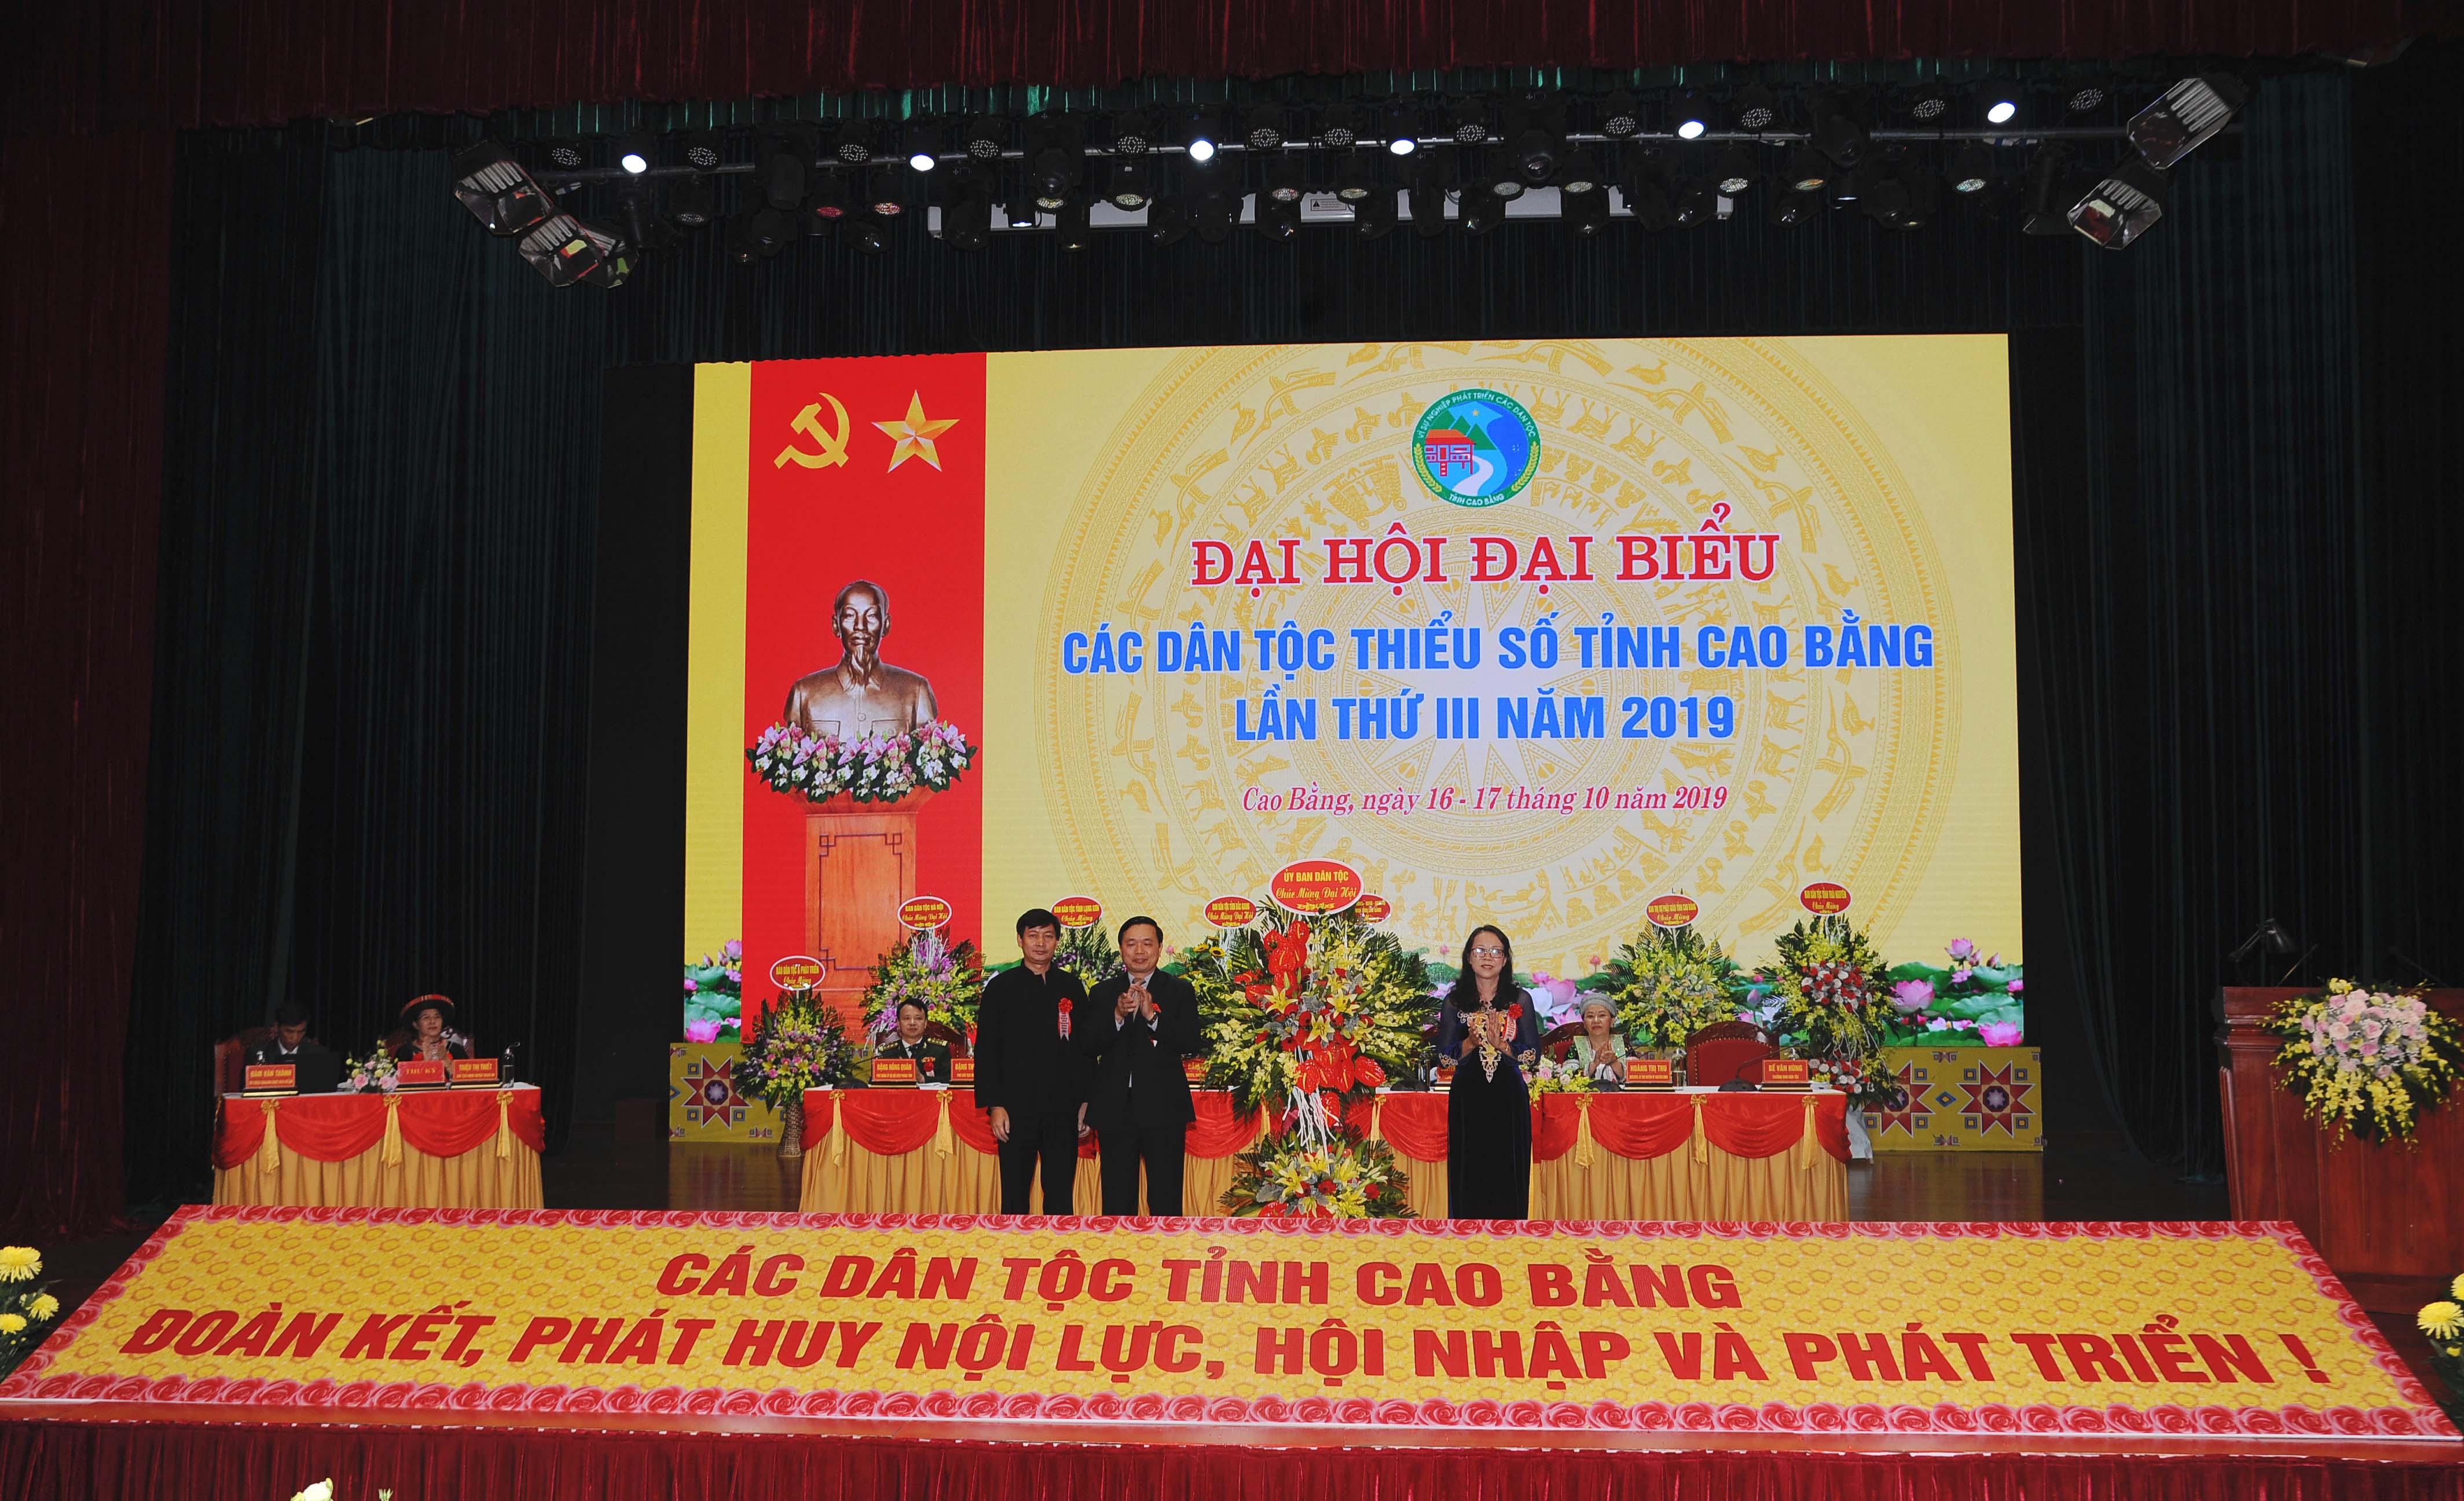 Thứ trưởng, Phó Chủ nhiệm UBDT Hoàng Thị Hạnh tặng lãng hoa chúc mừng Đại hội